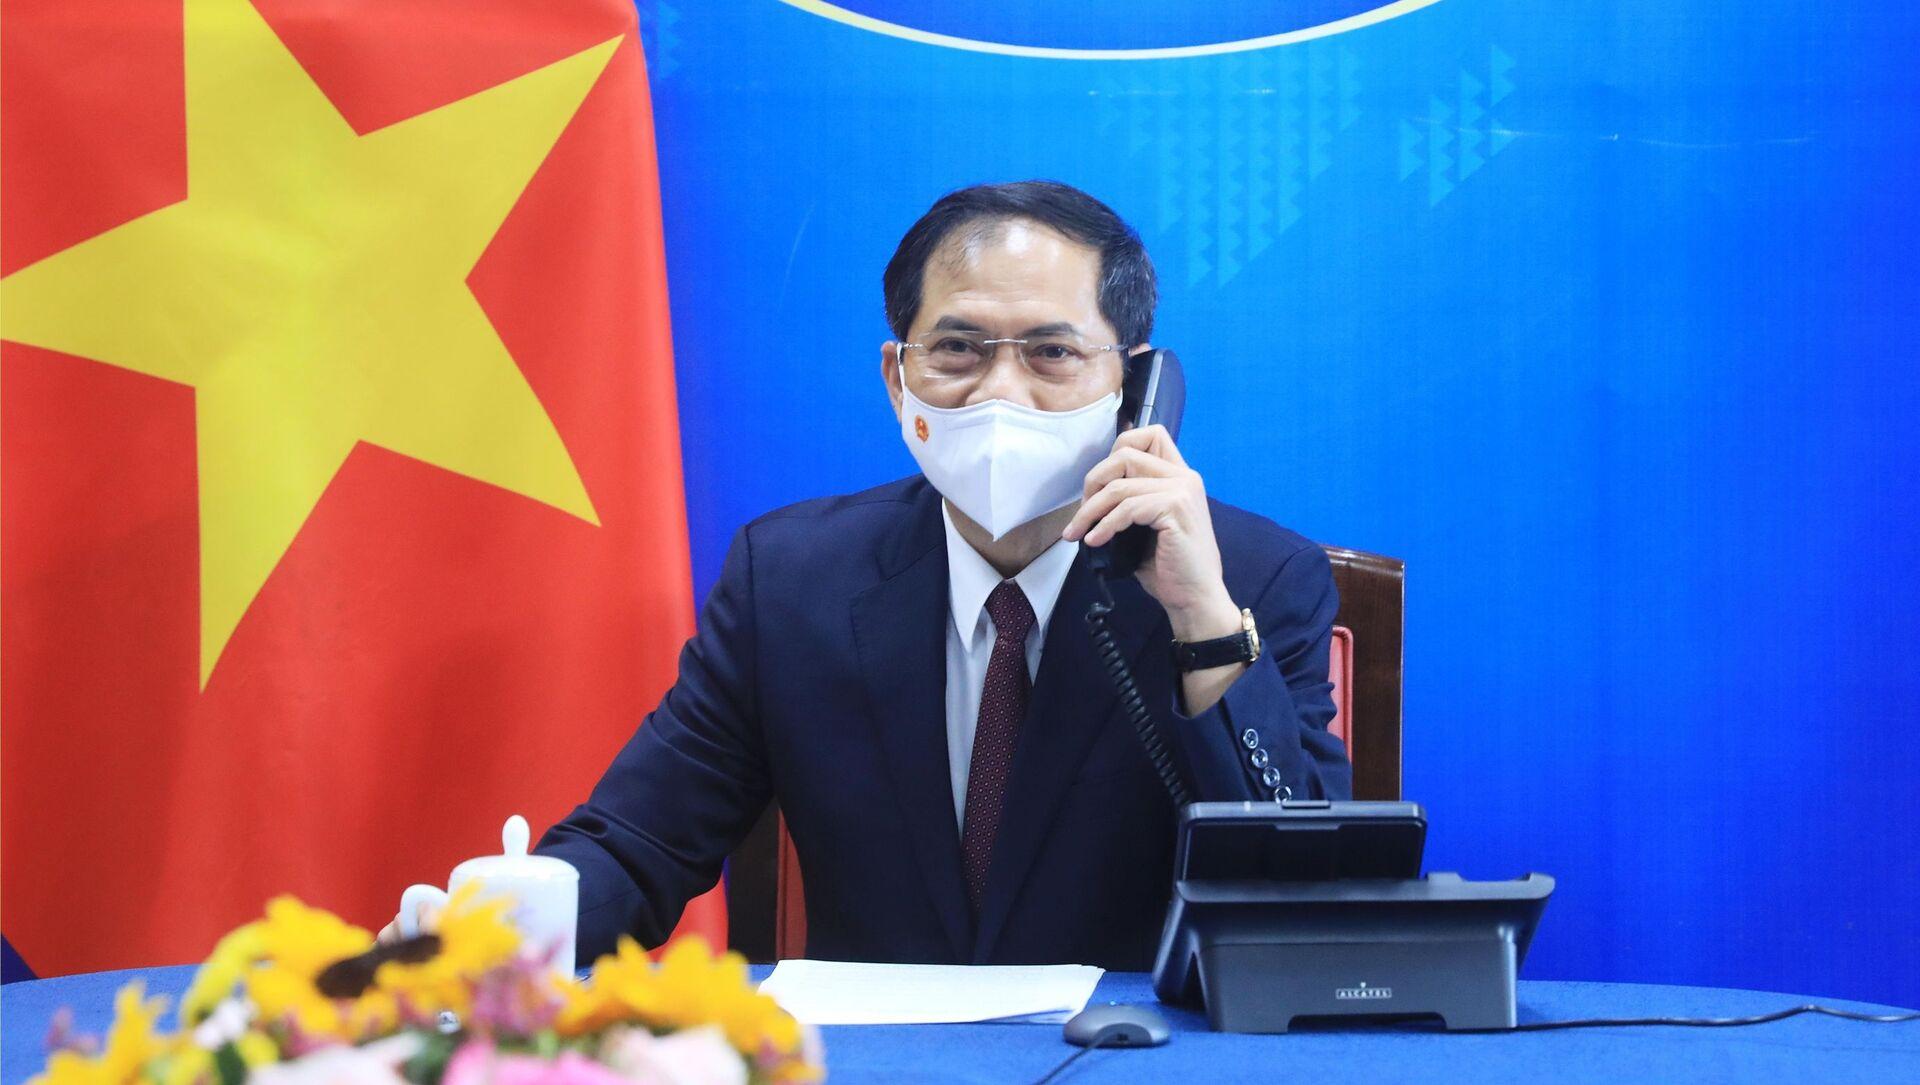 Bộ trưởng Ngoại giao Bùi Thanh Sơn - Sputnik Việt Nam, 1920, 28.05.2021